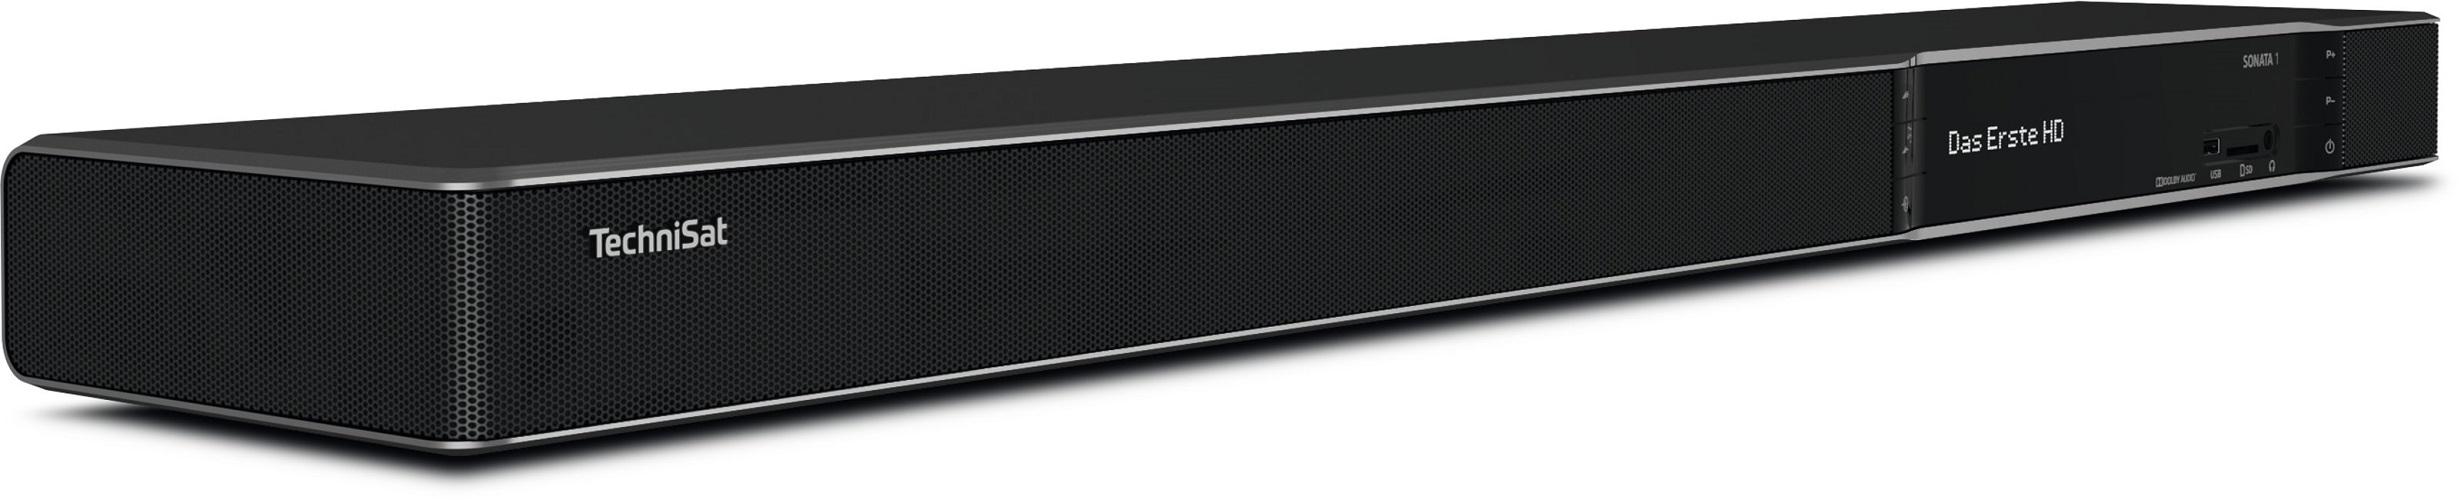 TechniSat Sonata 1 0000/4790 Soundbar / Receiver